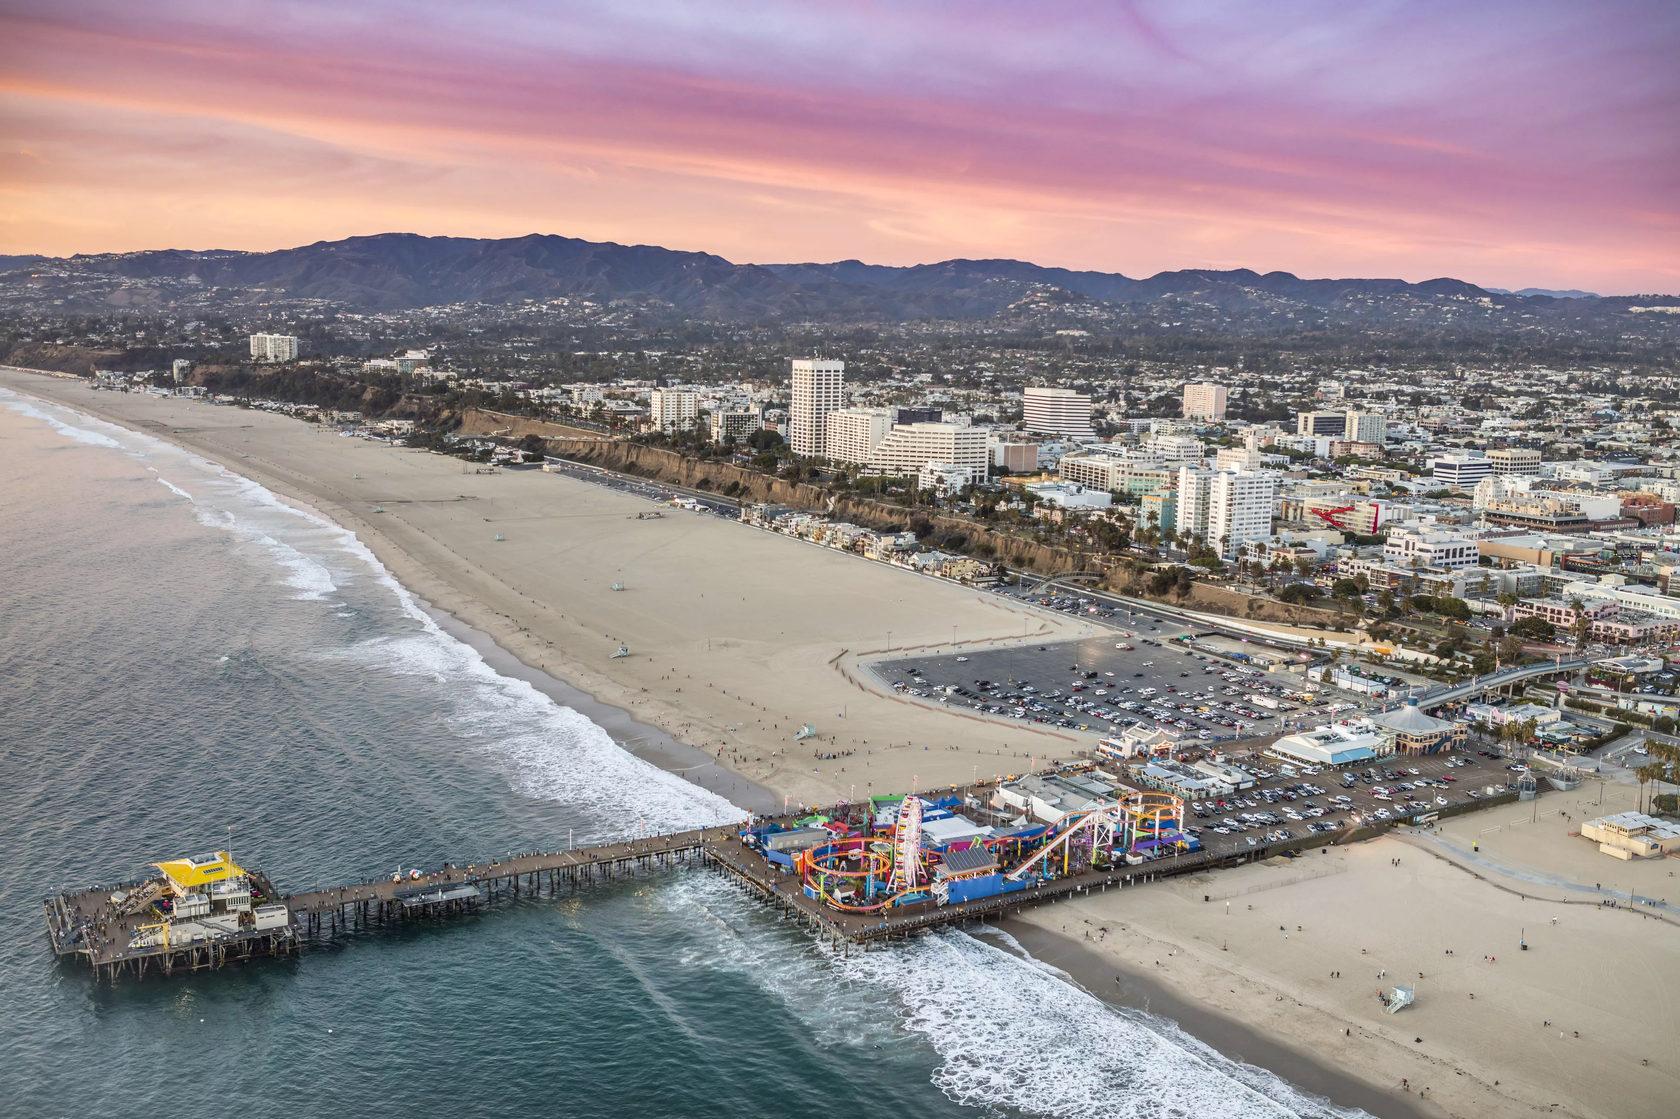 картинки пляж лос-анджелеса всегда